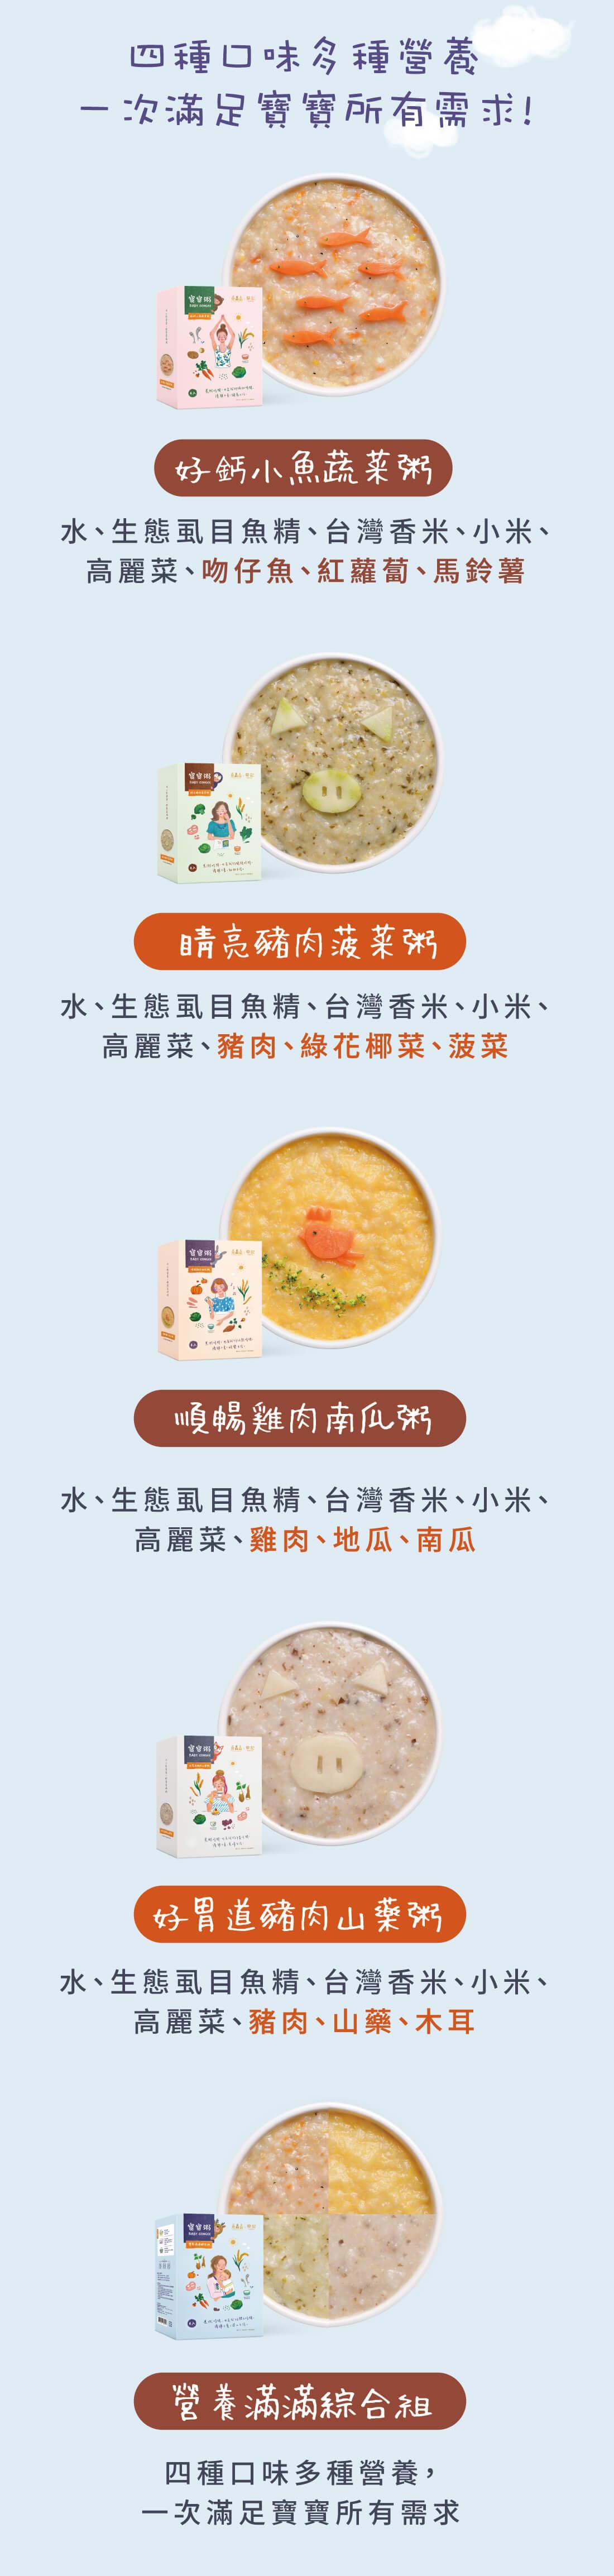 魚鱻森寶寶粥介紹03